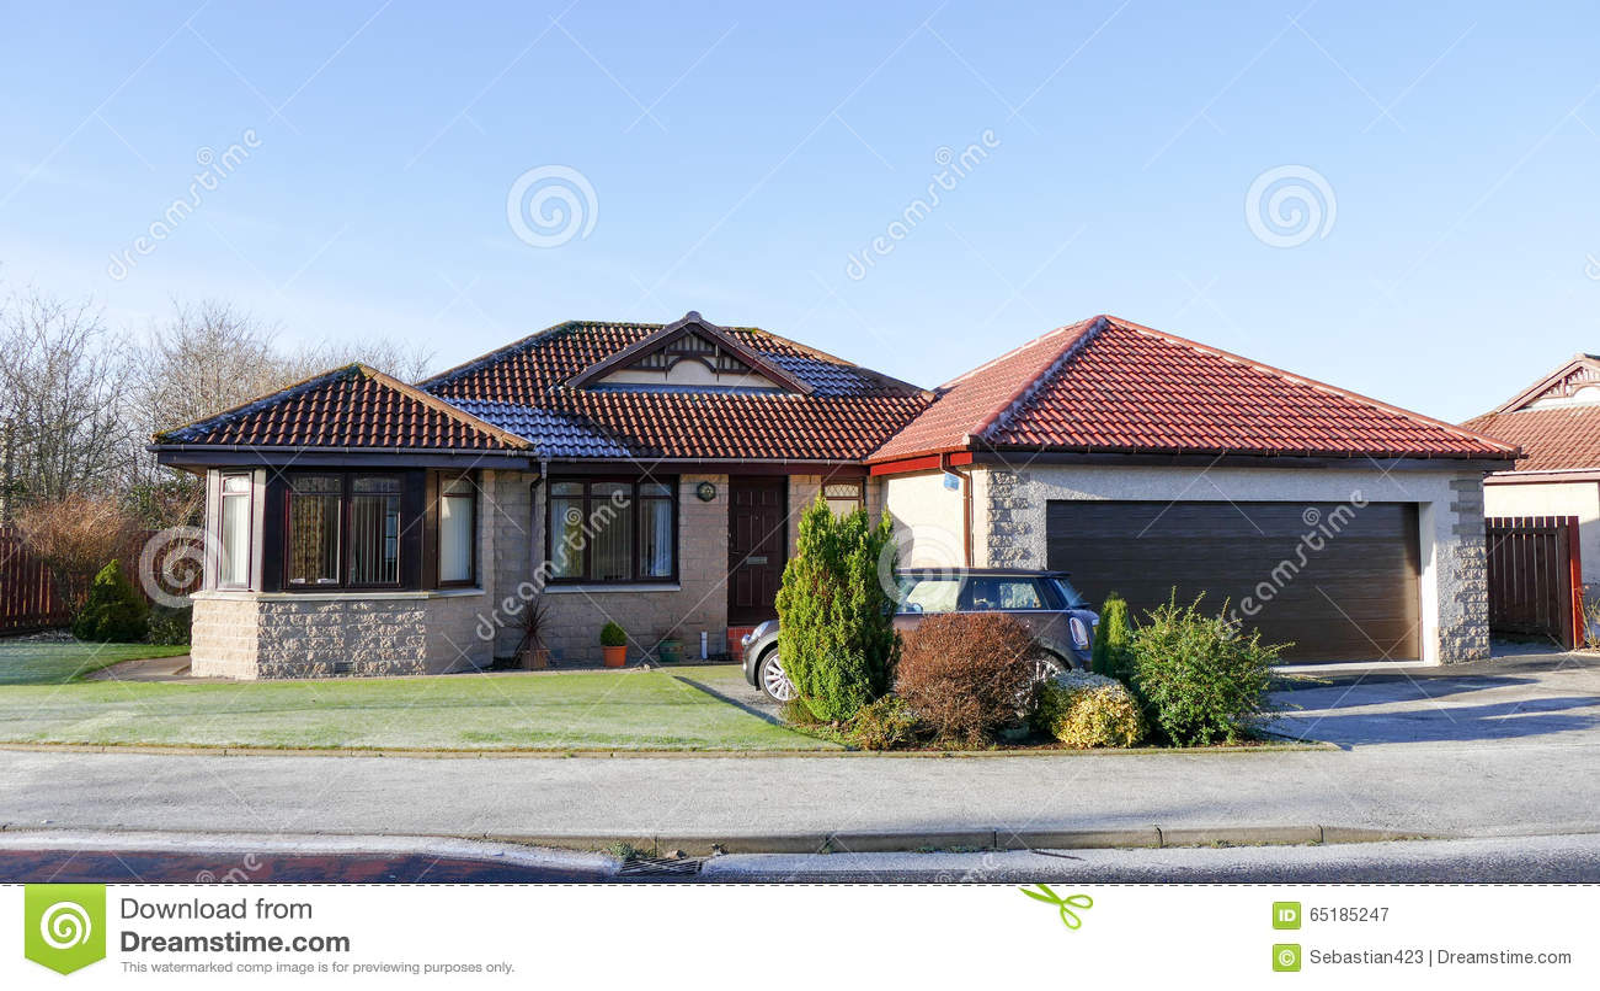 Casas una planta modernas planos casas casas de dos pisos for Casas de planta baja modernas